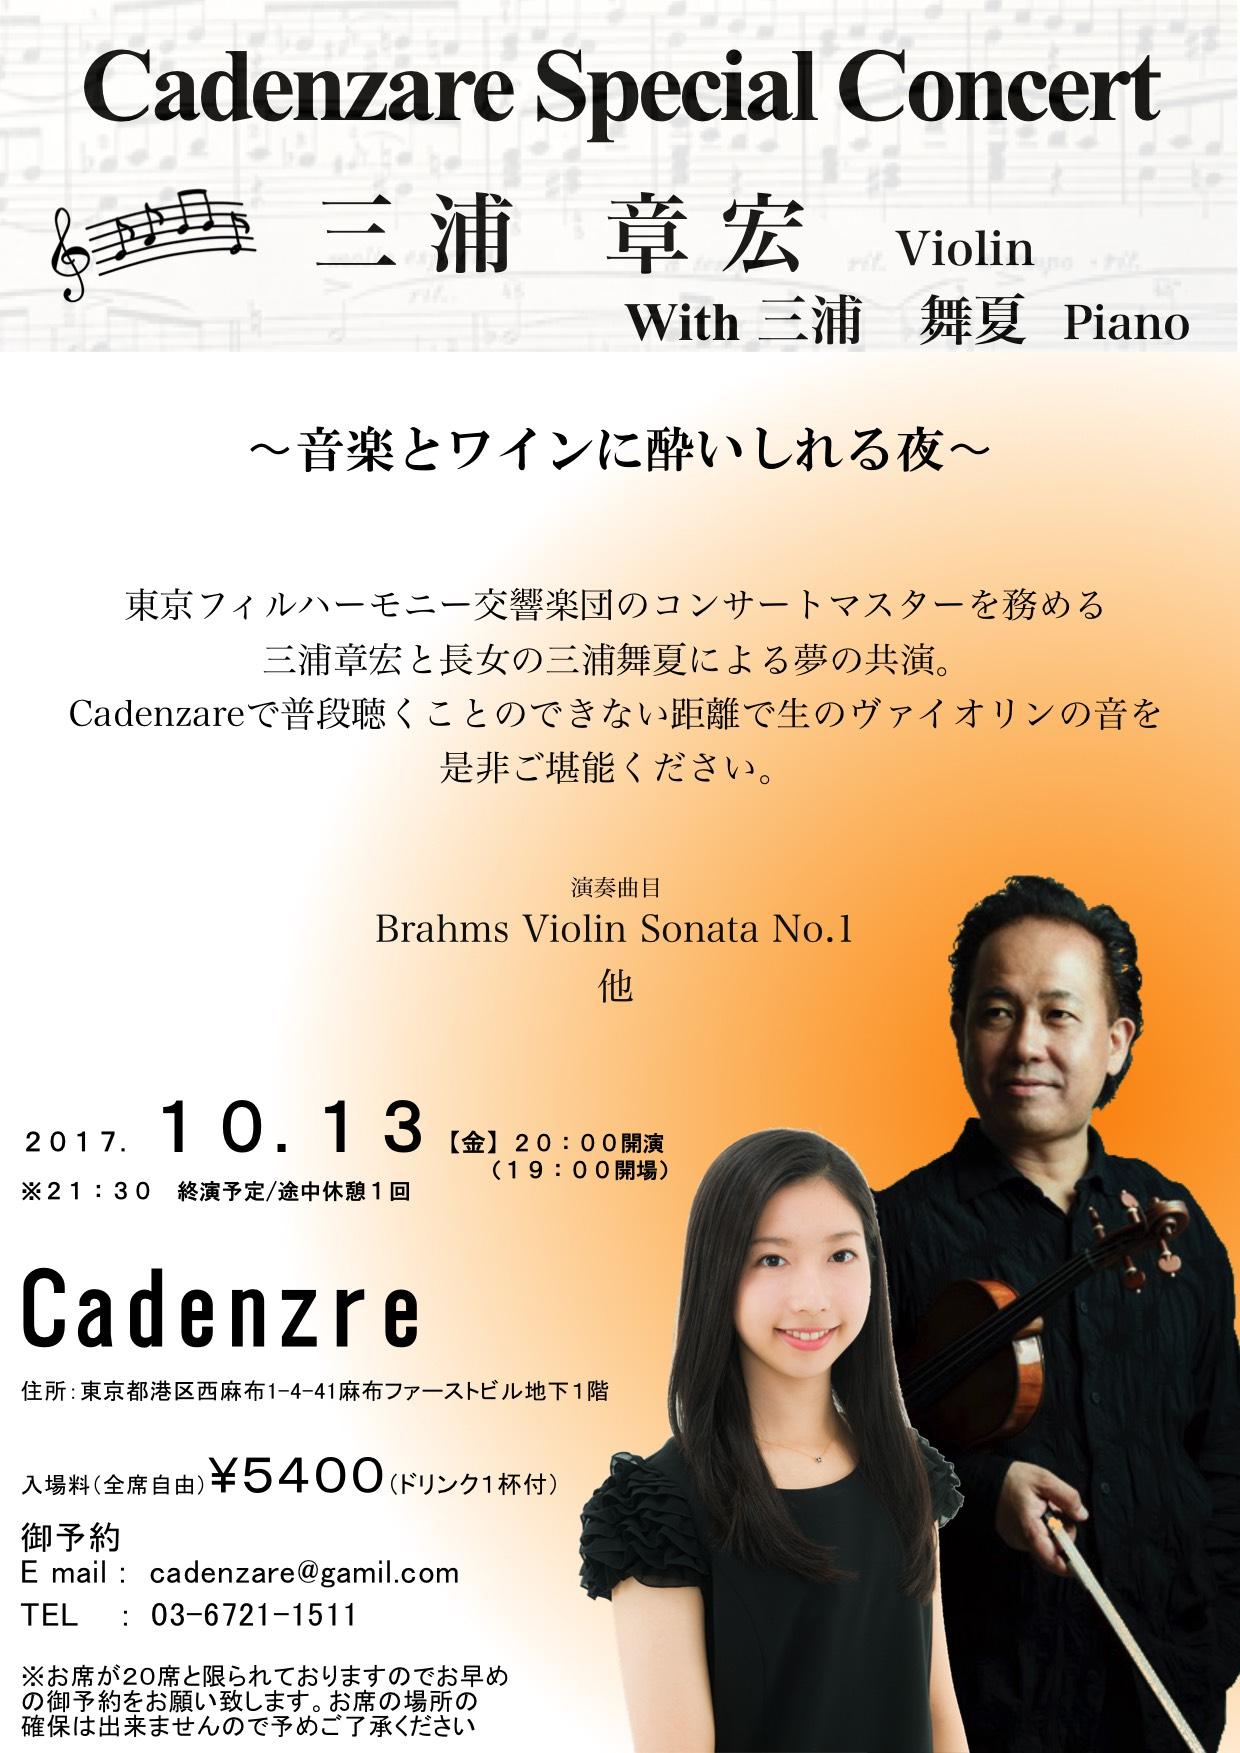 三浦章宏さんコンサートチラシ